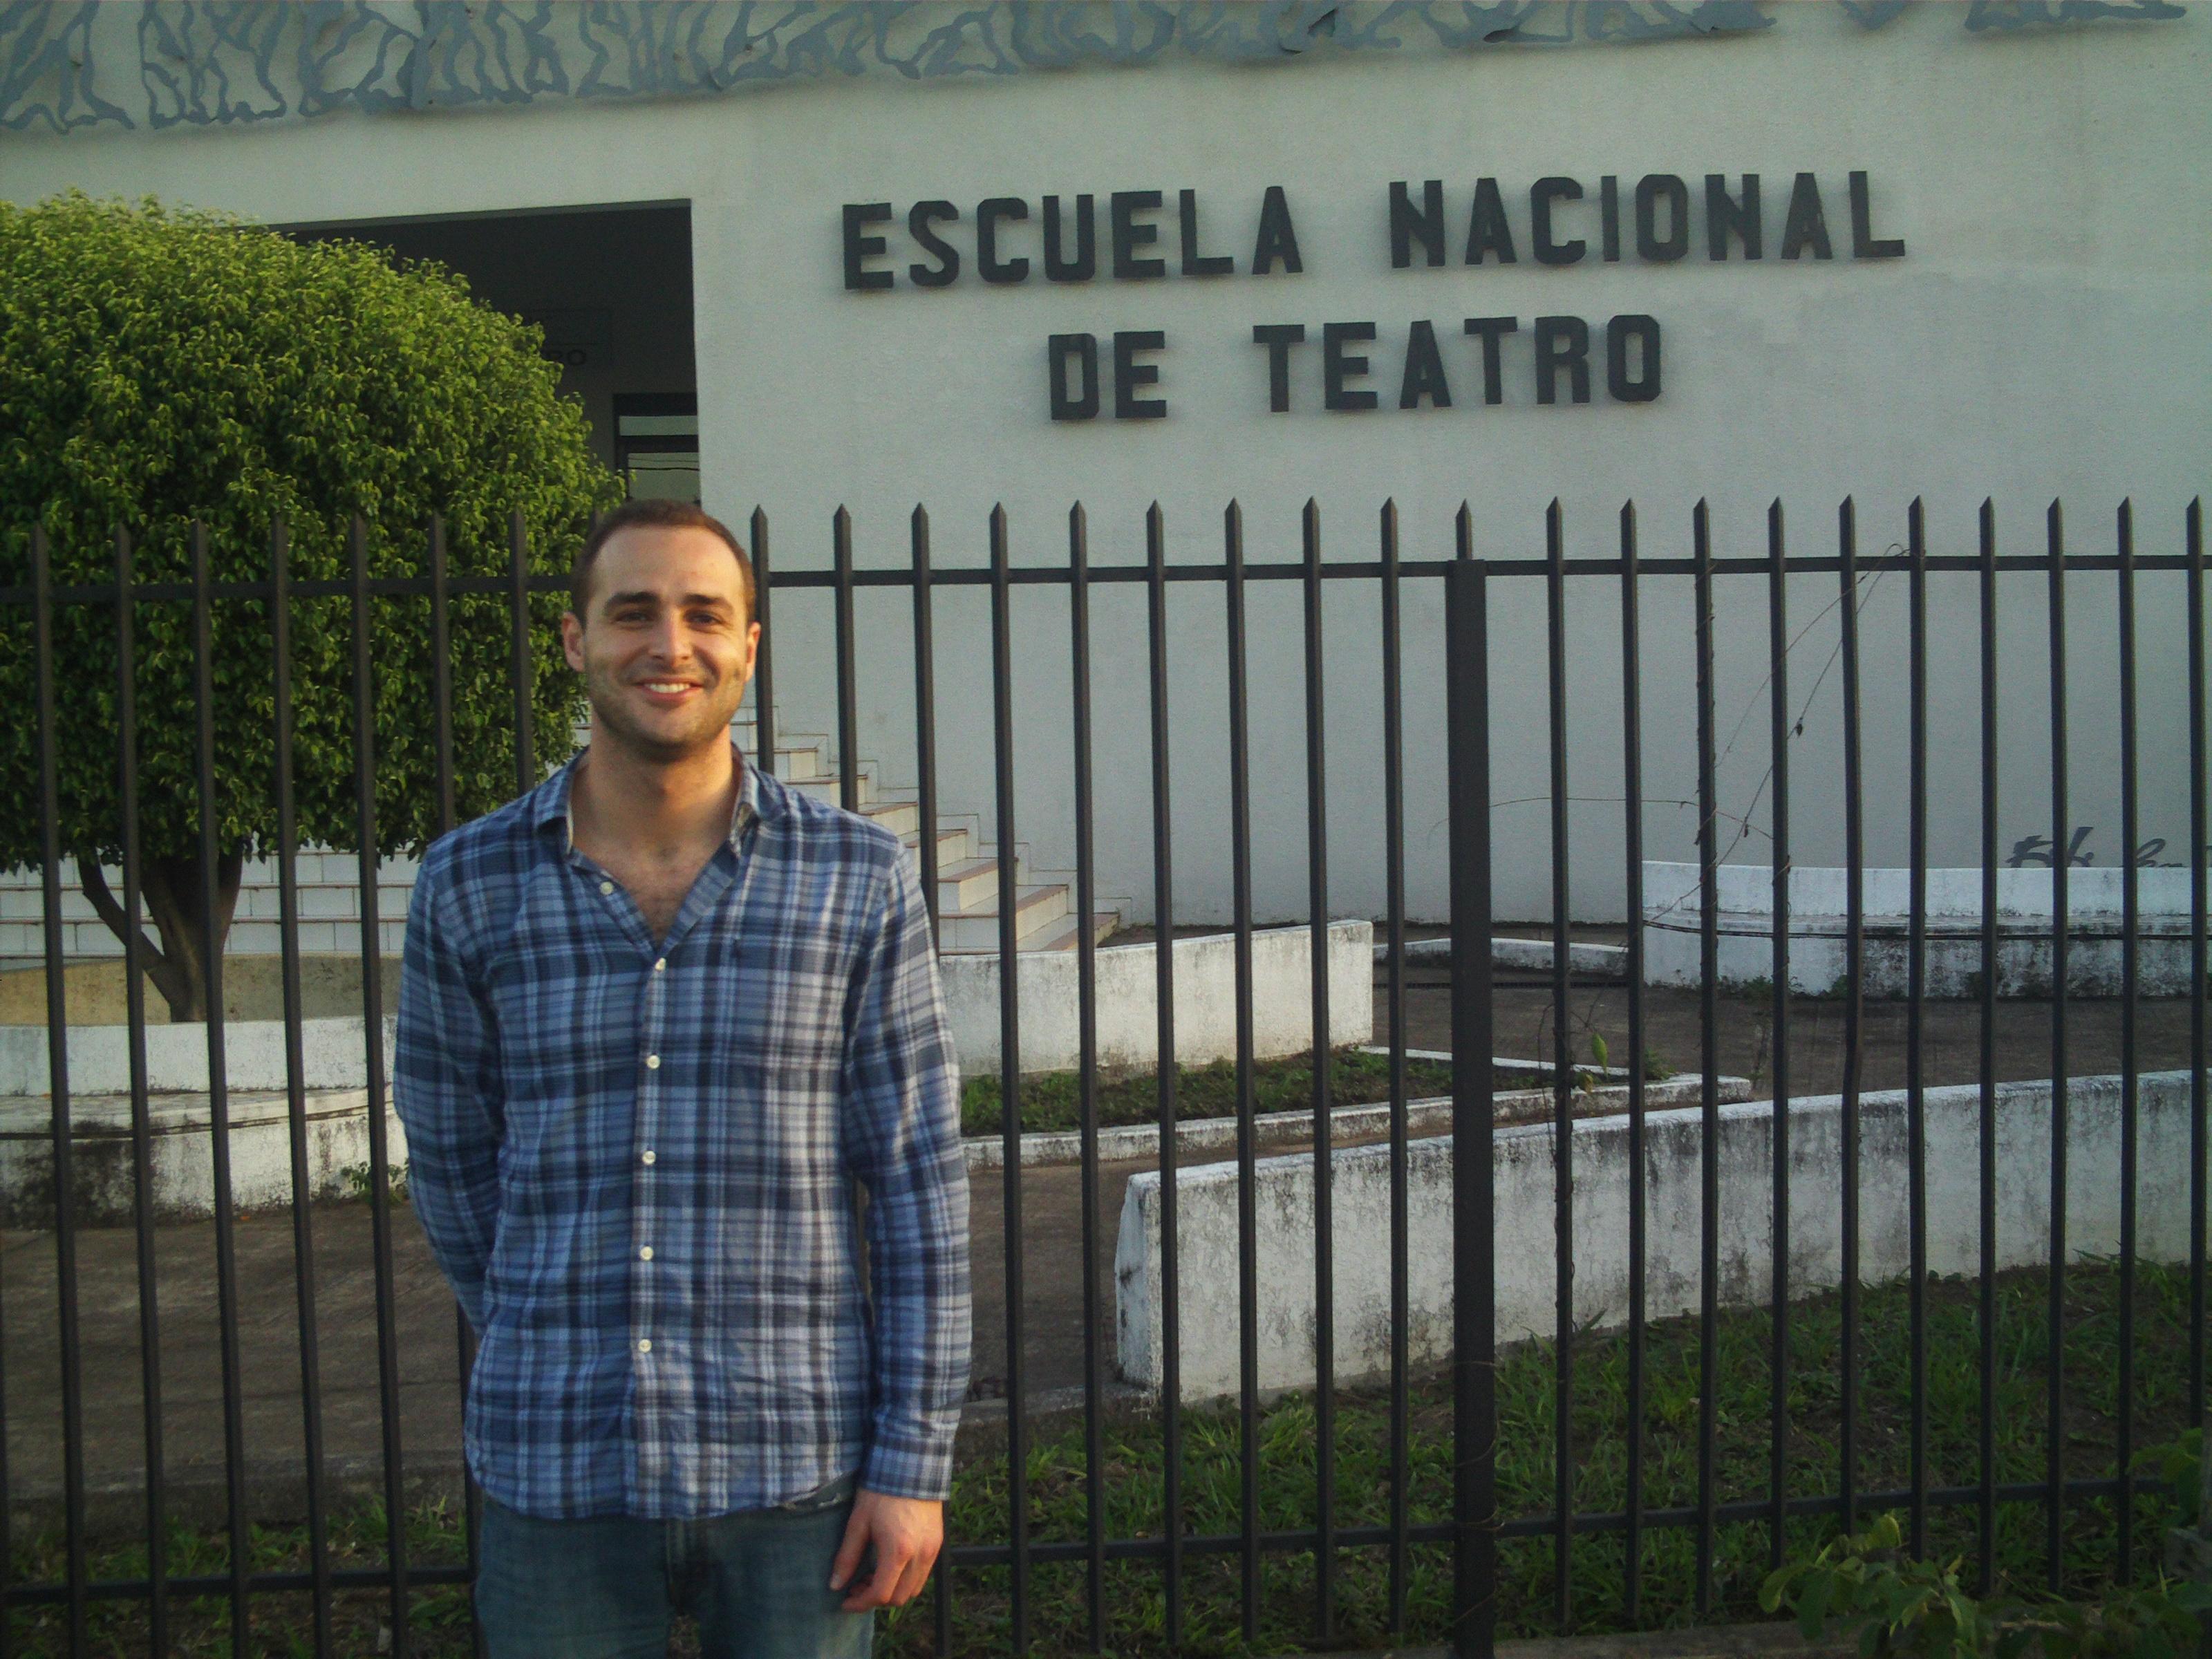 Escuela Nacional de Teatro situada en la